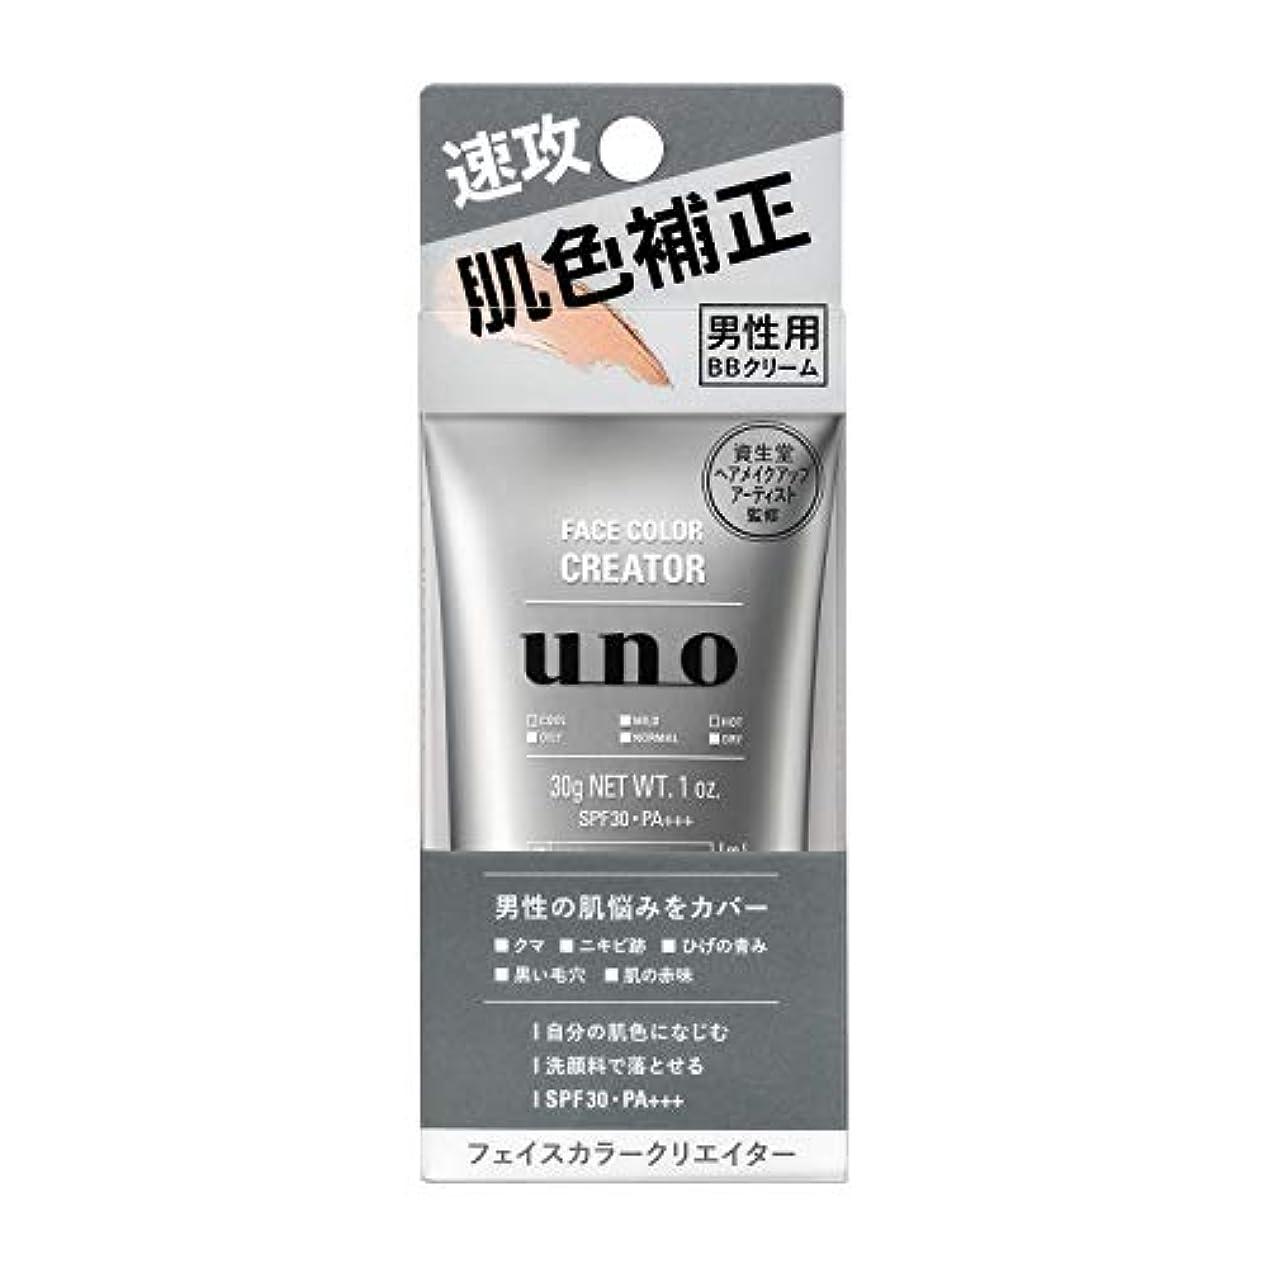 期限切れ盗賊無意識UNO(ウーノ)フェイスカラークリエイター BBクリーム メンズ SPF30 PA+++ 30g